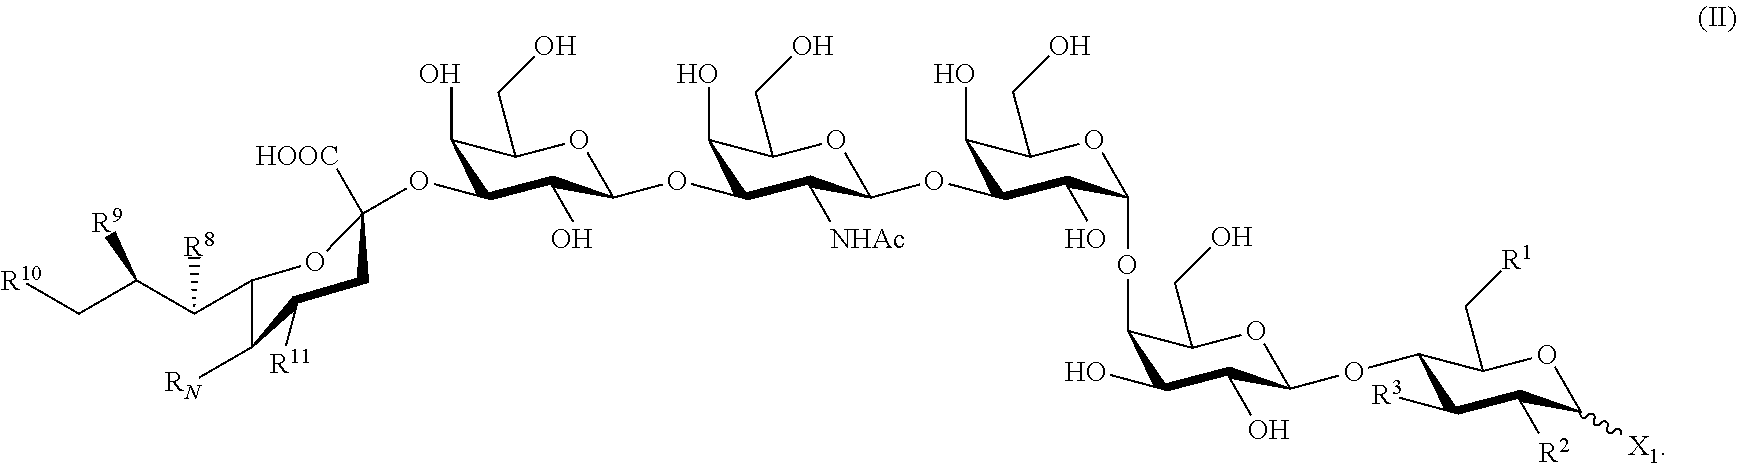 Figure US10342858-20190709-C00041